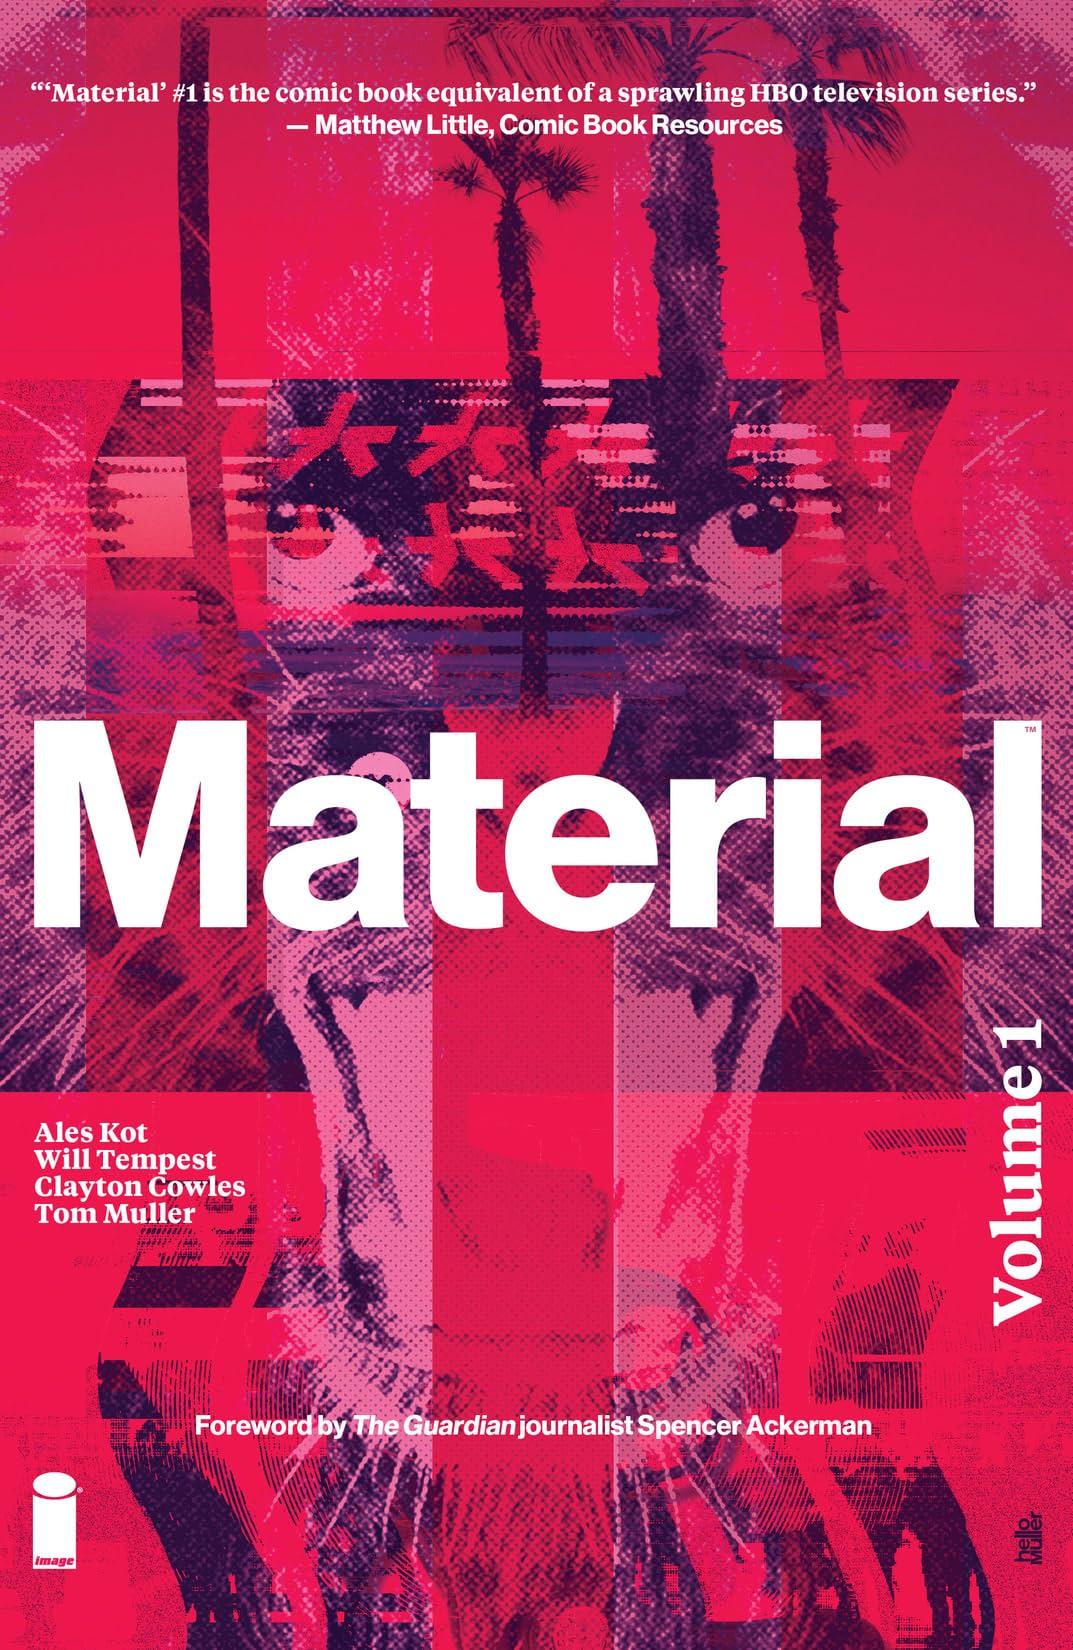 Material Vol. 1